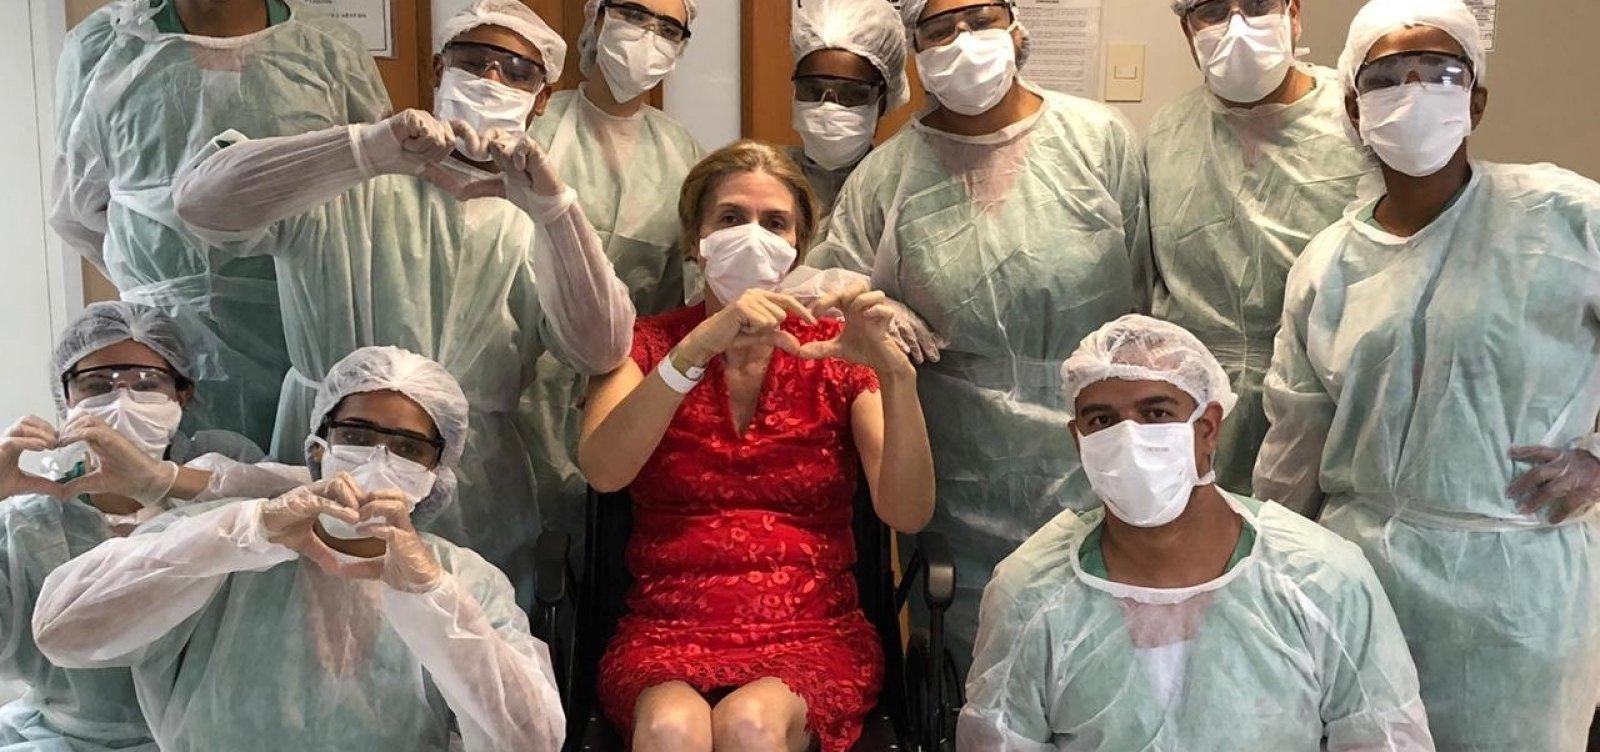 [Mulher de 57 anos com covid-19 recebe alta de hospital; veja vídeo]